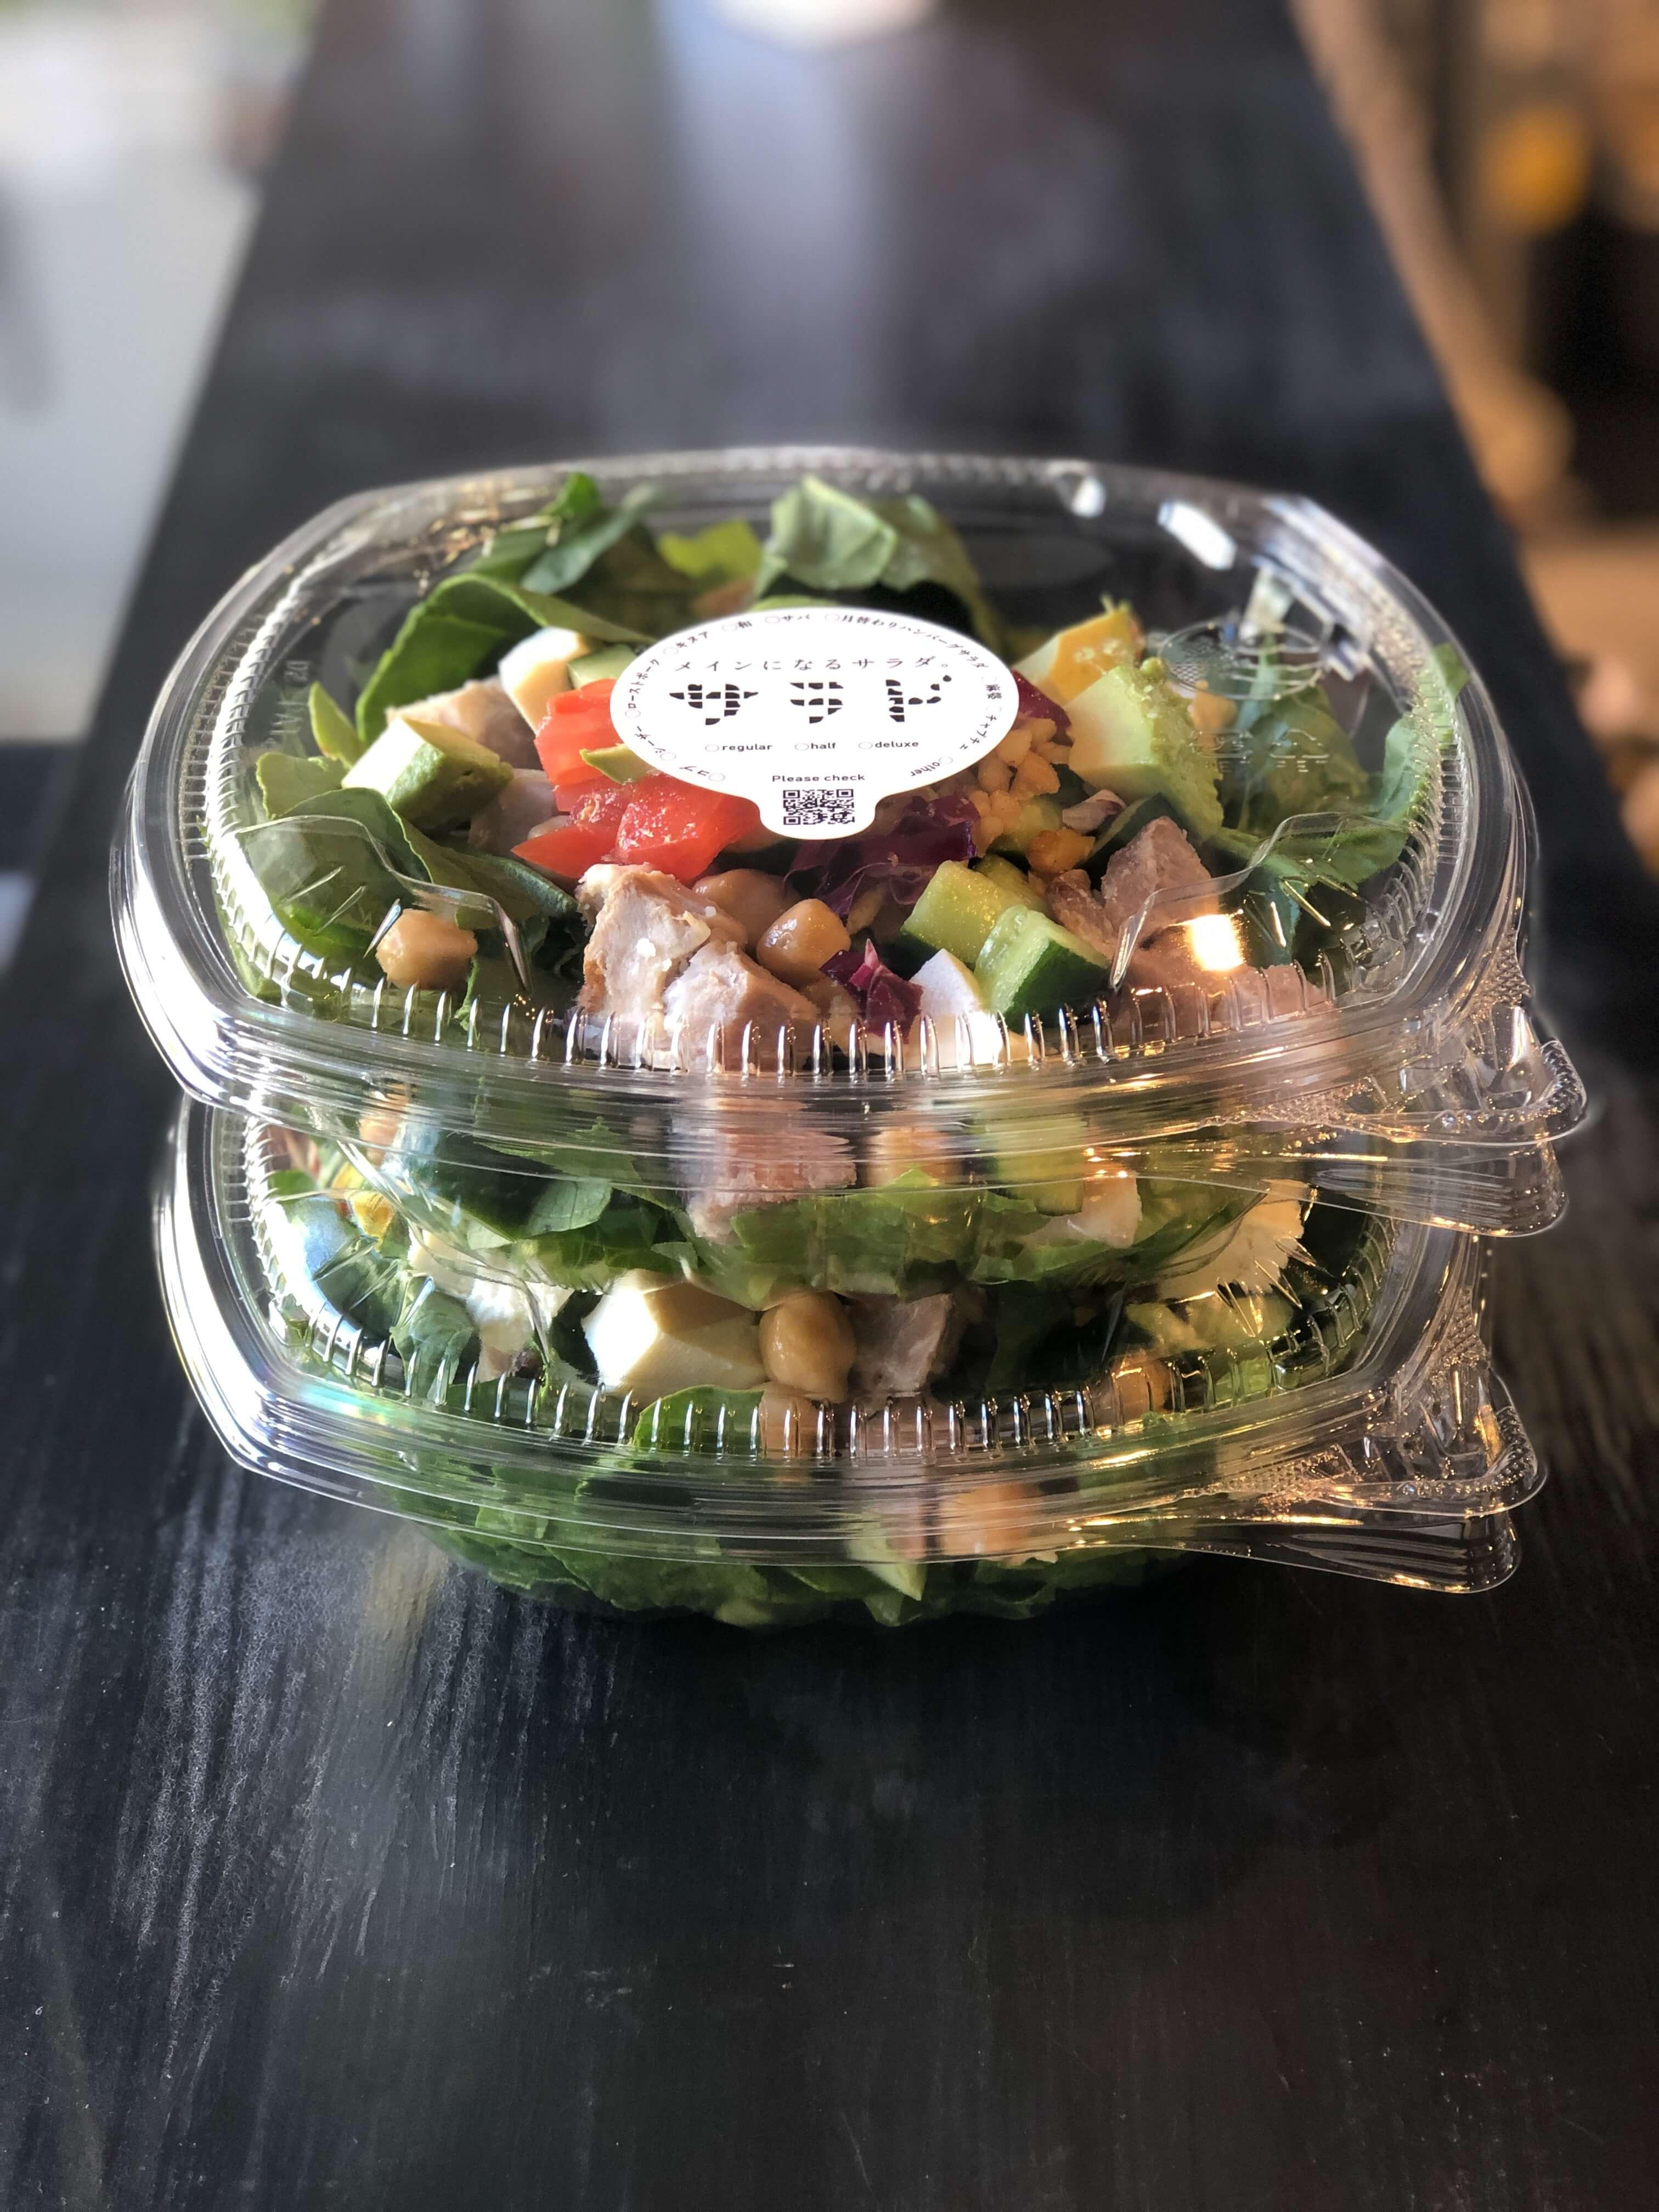 Road trip salad